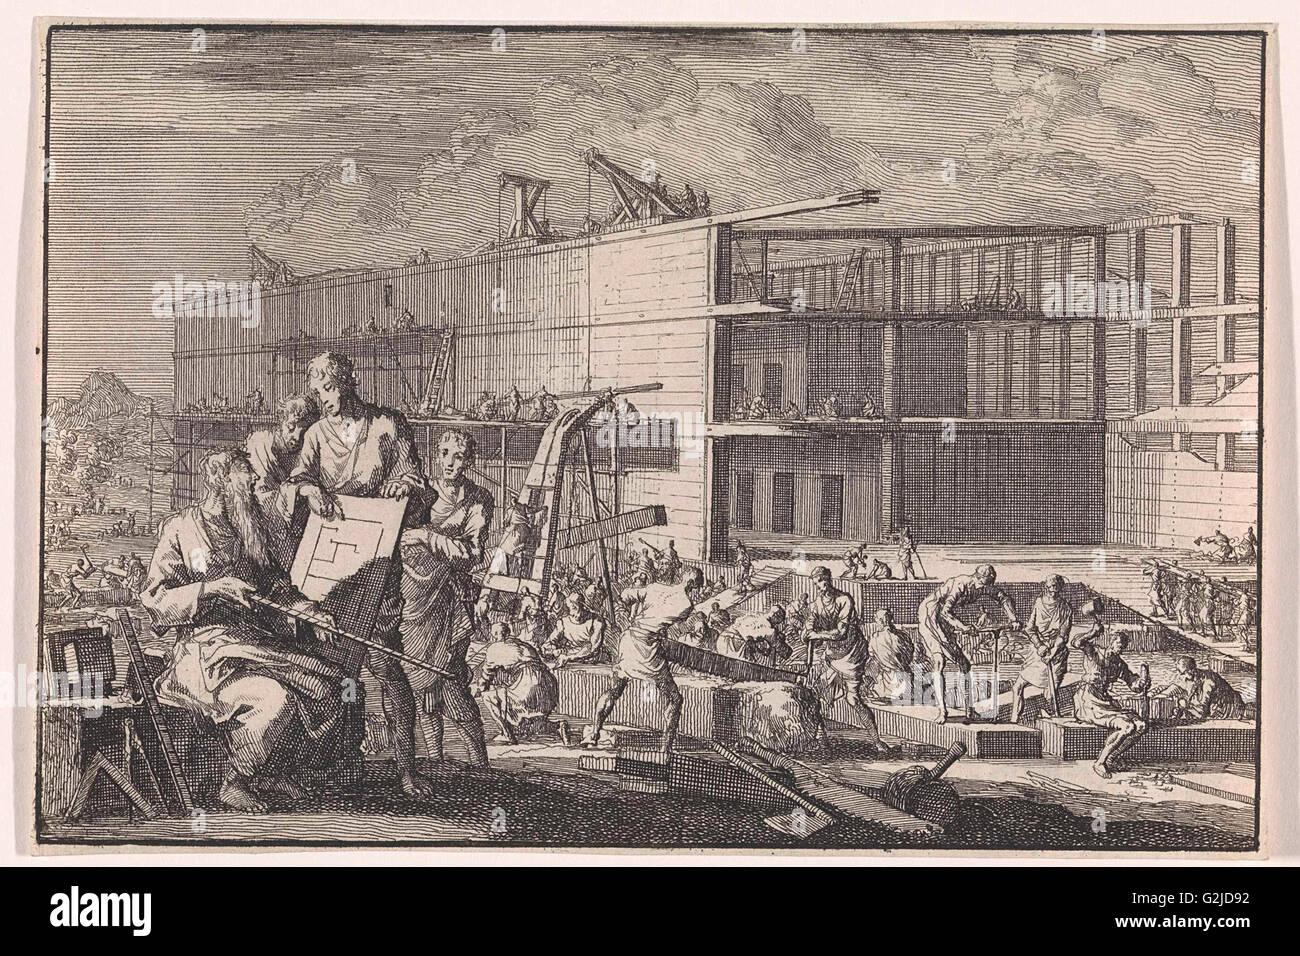 Construction of Noah's Ark, Jan Luyken, Pieter Mortier, 1703 - Stock Image